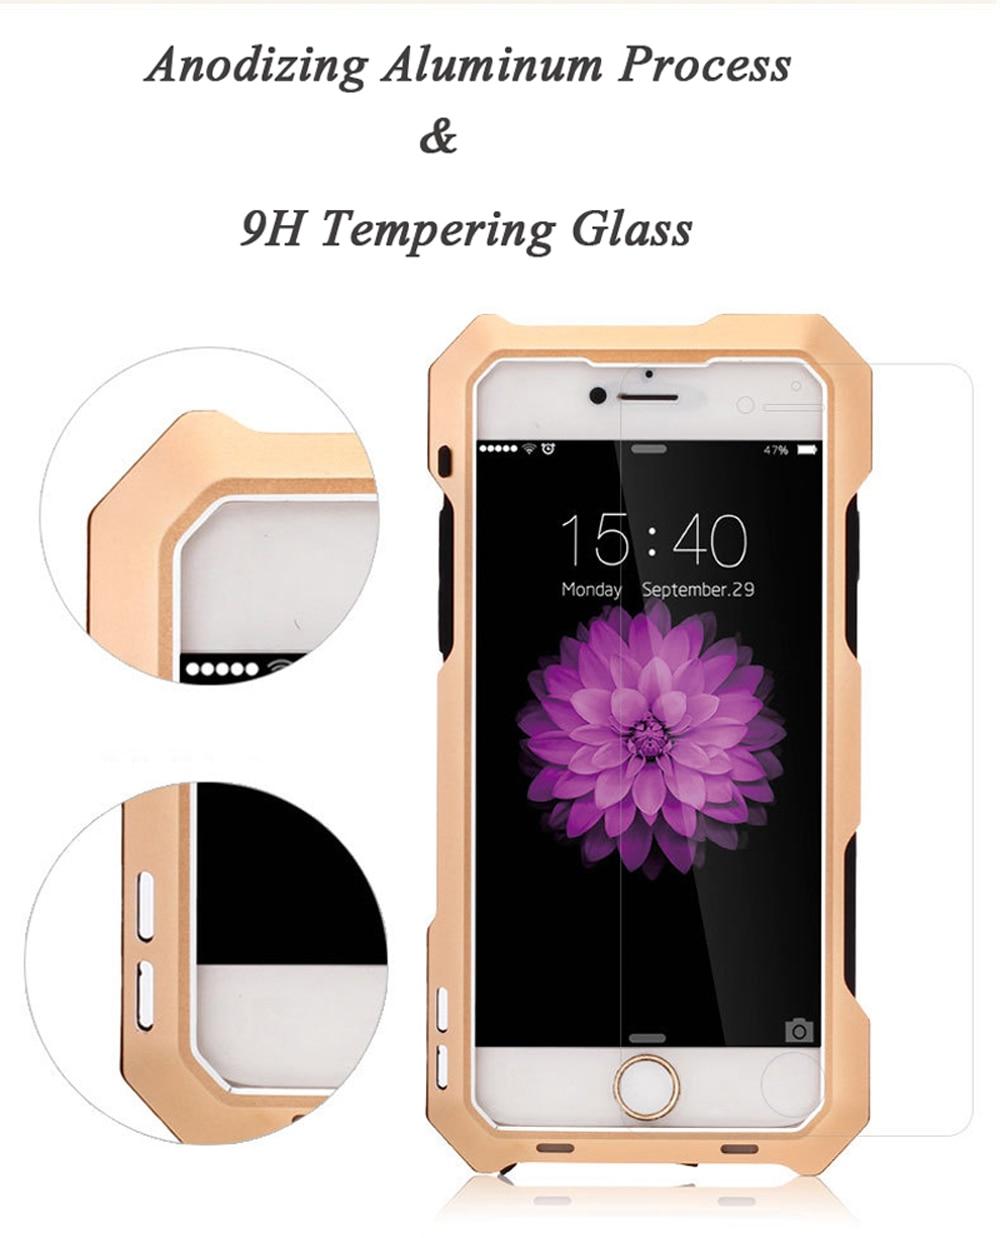 SA92-Dirt-Shock-Waterproof-Metal-Alluminum-Alloy-Phone-Case-For-iPhone-6-6s-Plus-+-Wide-Angle-Lens-Fisheye-Lens-Macro-Lens- (11)